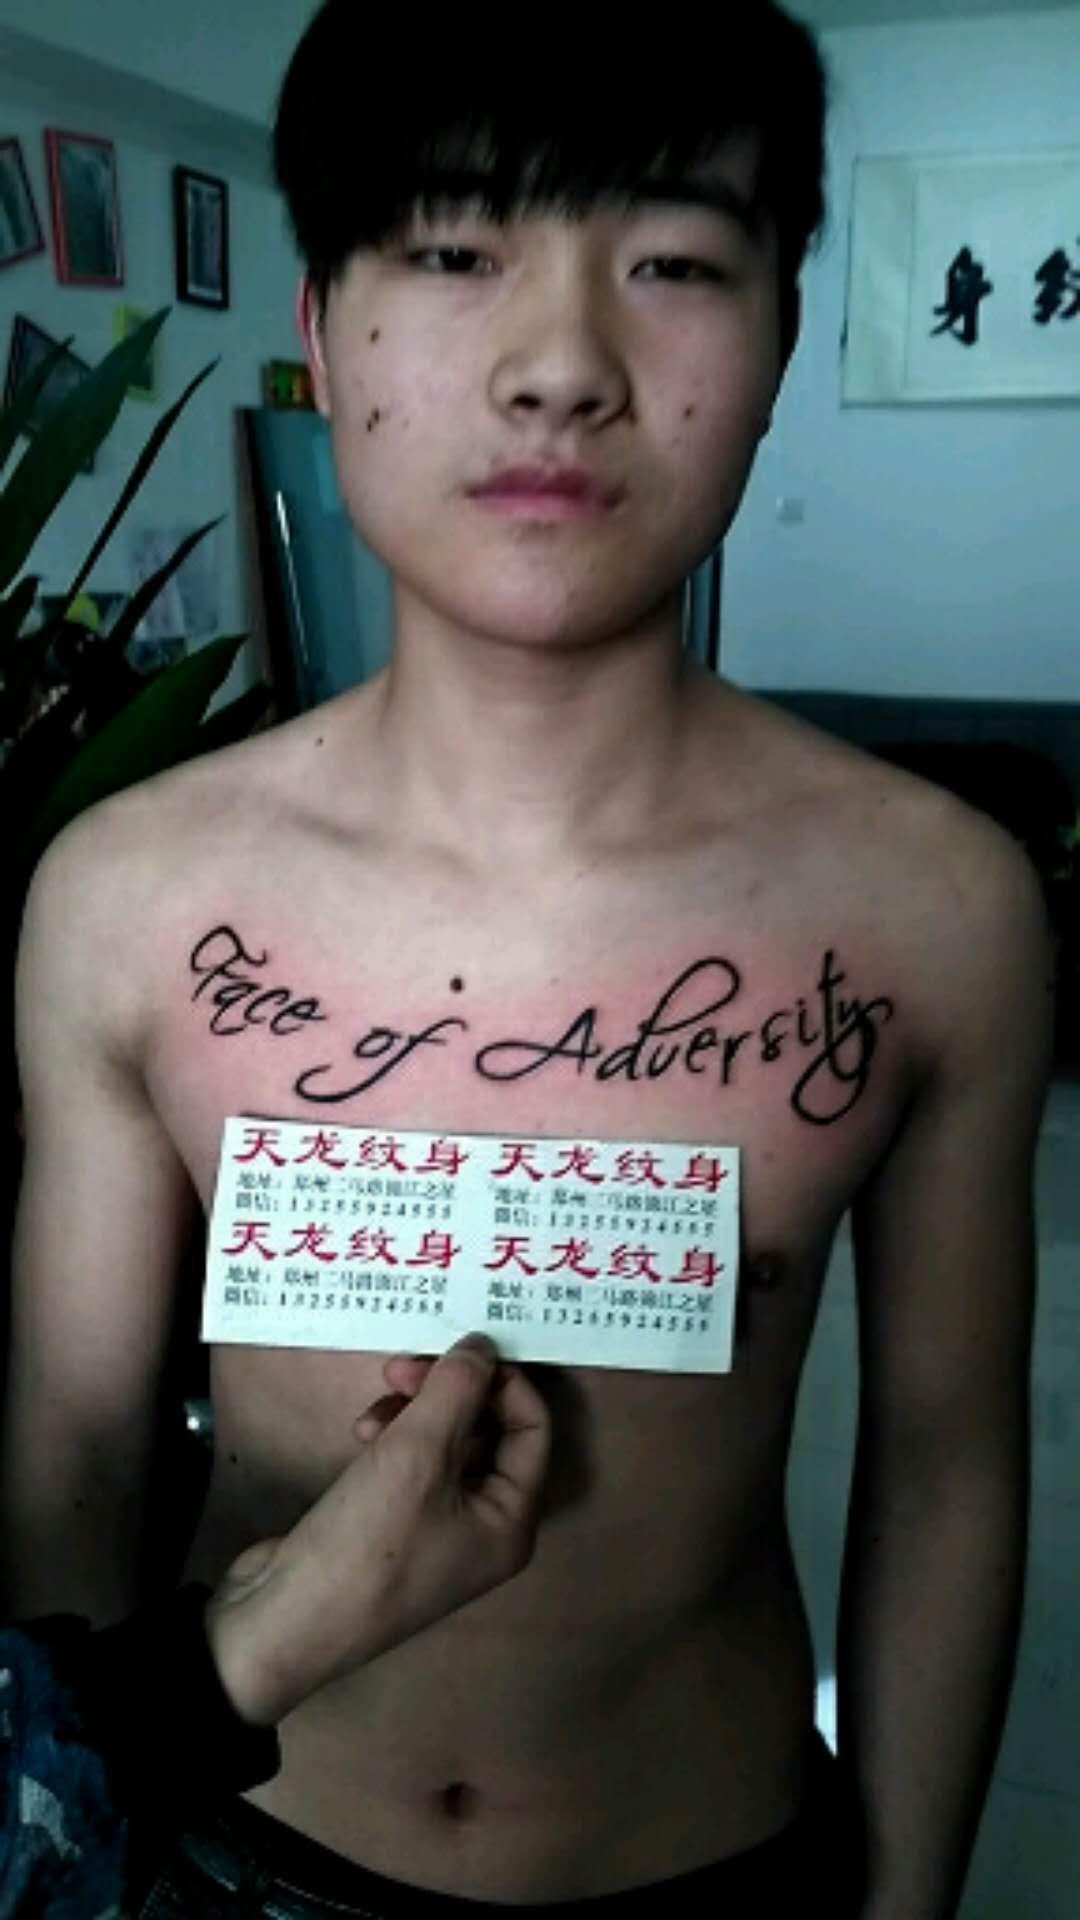 郑州纹身培训  专业的纹身刺青及教学团队|其它-郑州天龙纹身工作室